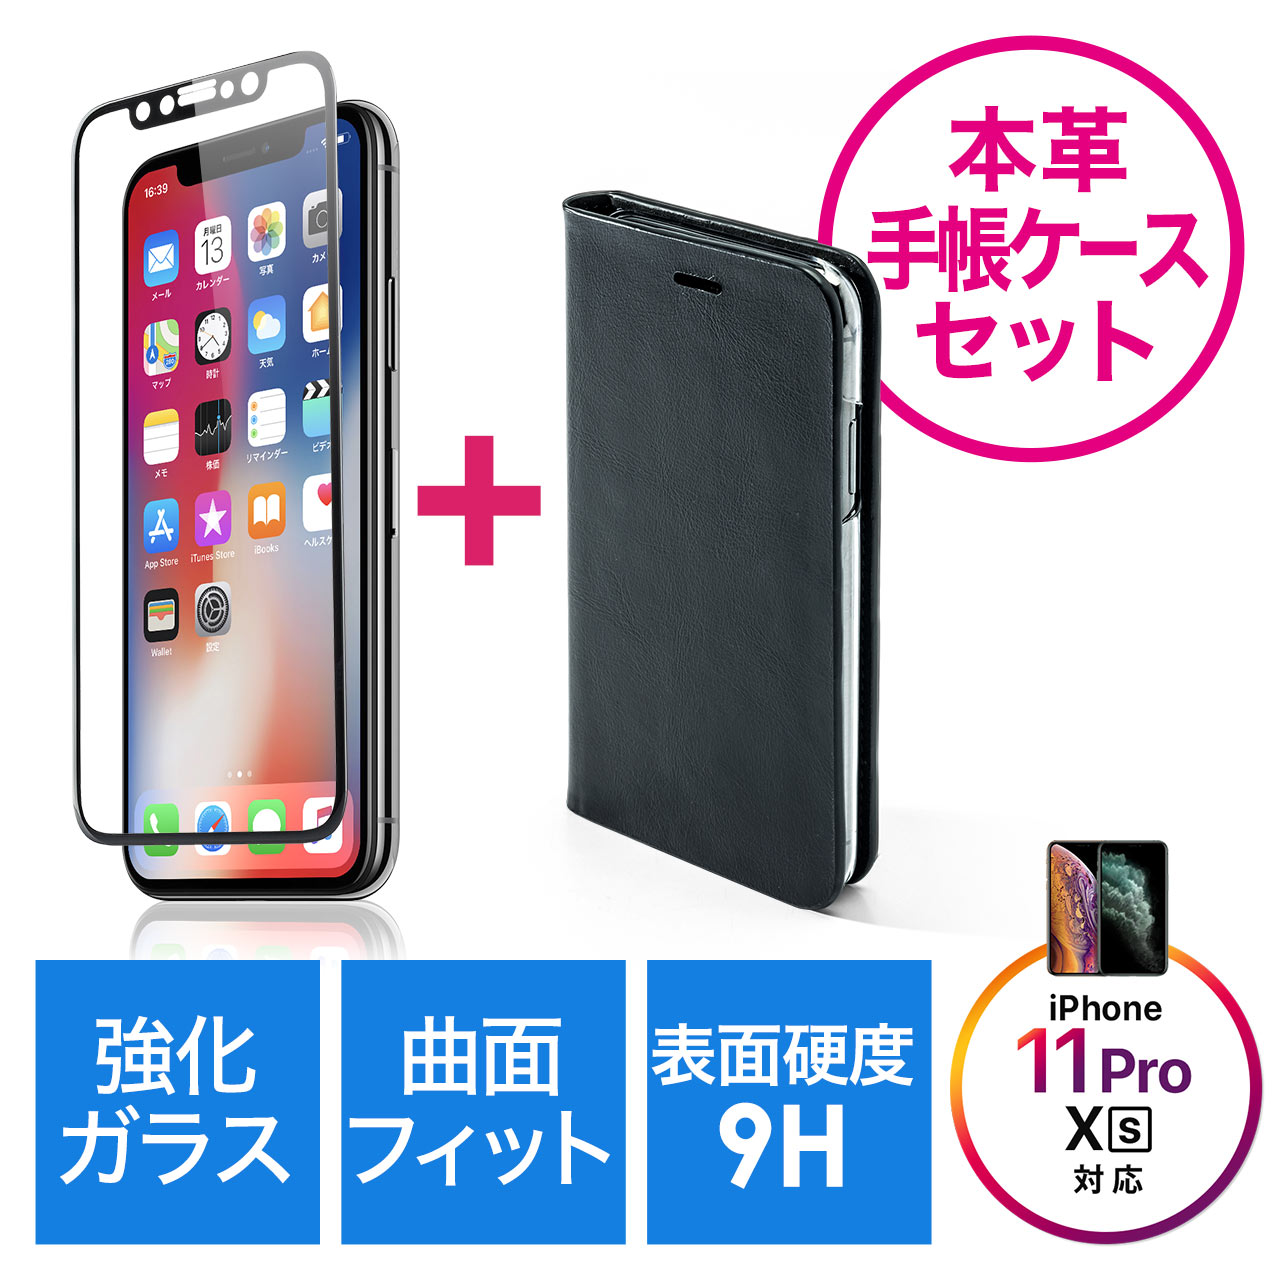 04adc8a373 iPhone X画面保護強化ガラスフィルム(3D Touch・インカメラ撮影対応・